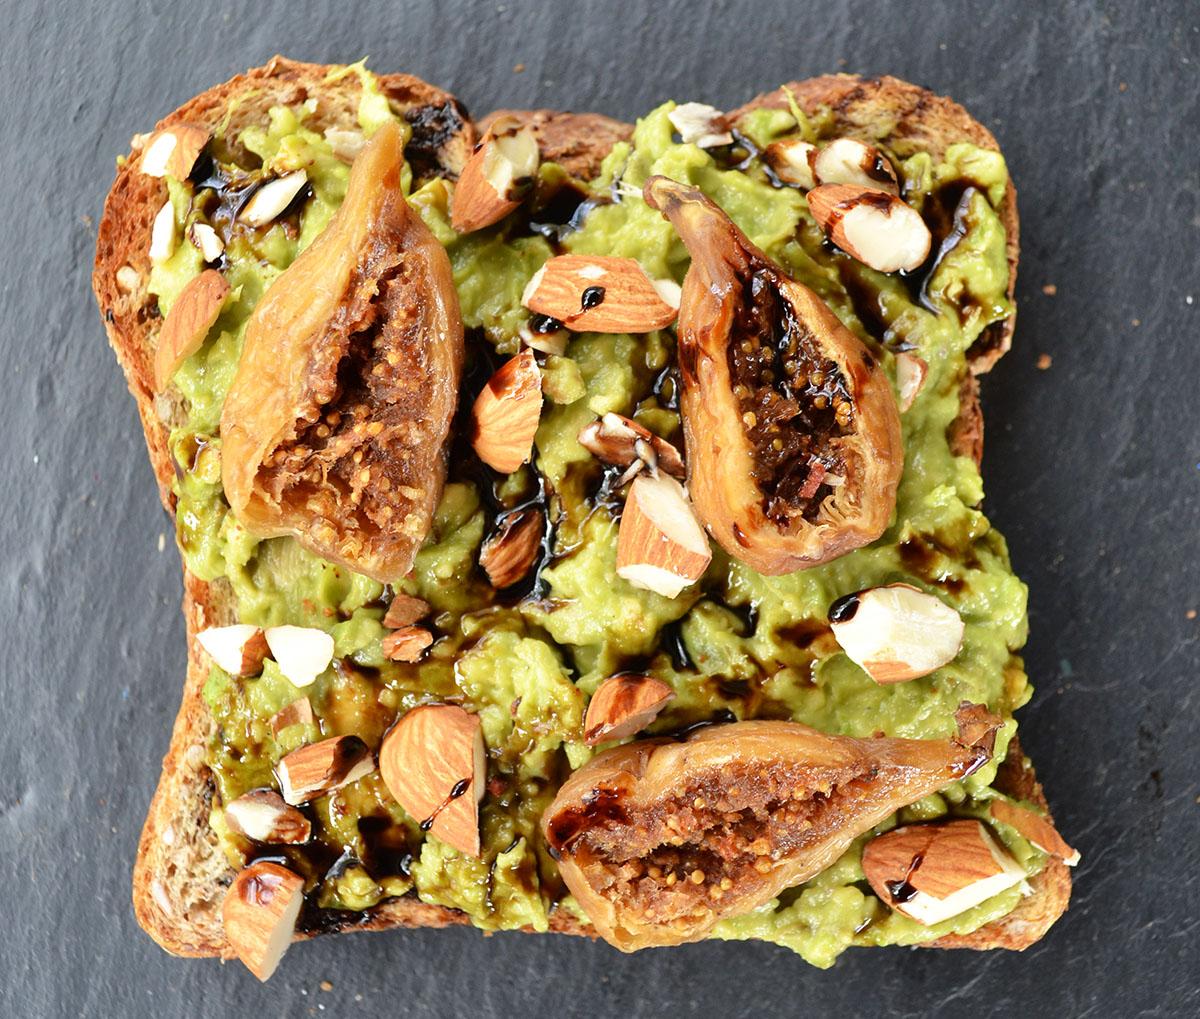 Fig avocado toast photo via Asia Bradlee